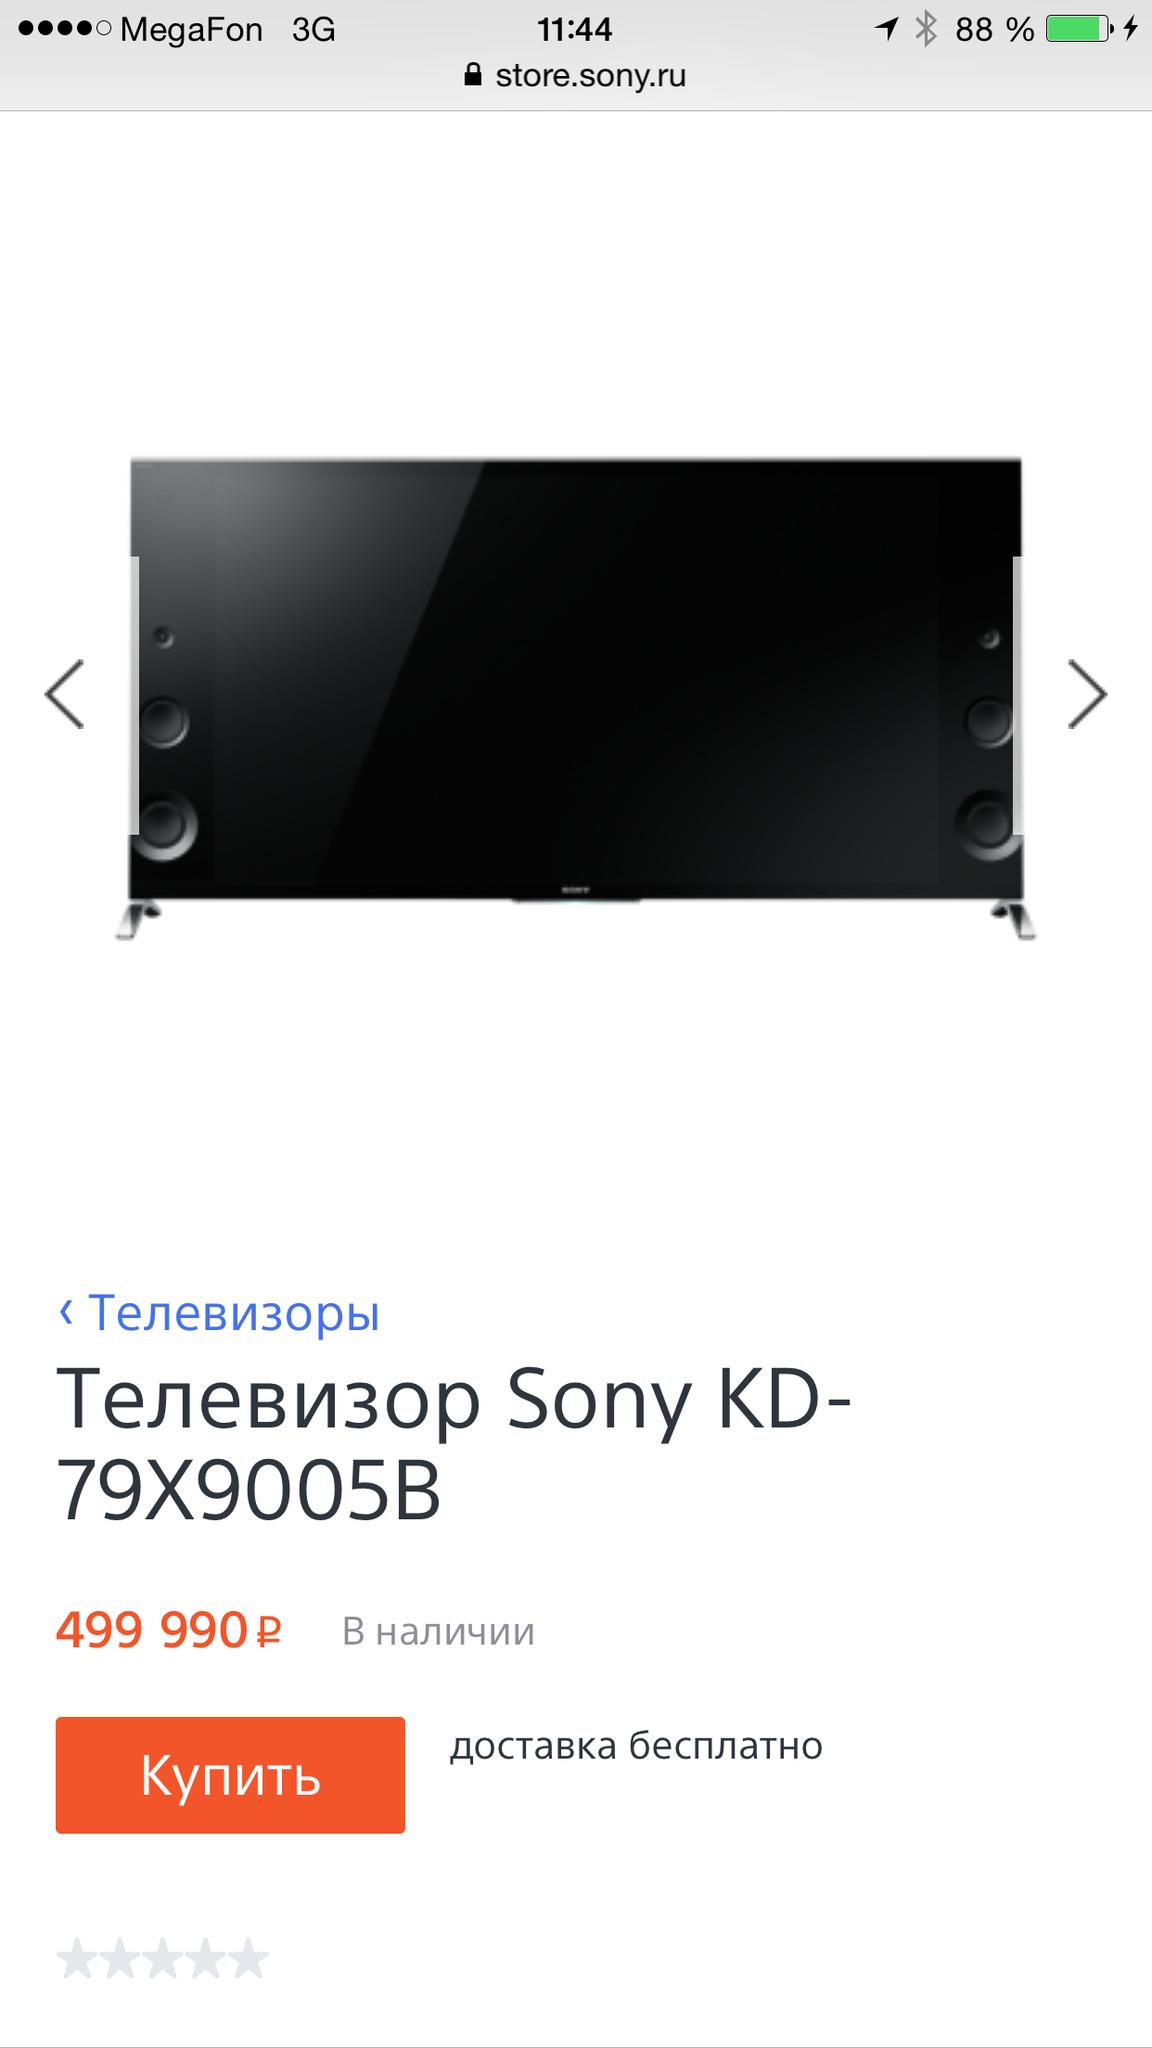 Sony прислали письмо, пишут этот телек мне подходит. Он то мне может и да, а вот я ему со своими финансами - нет. :D http://t.co/N2jjDvJ1kO